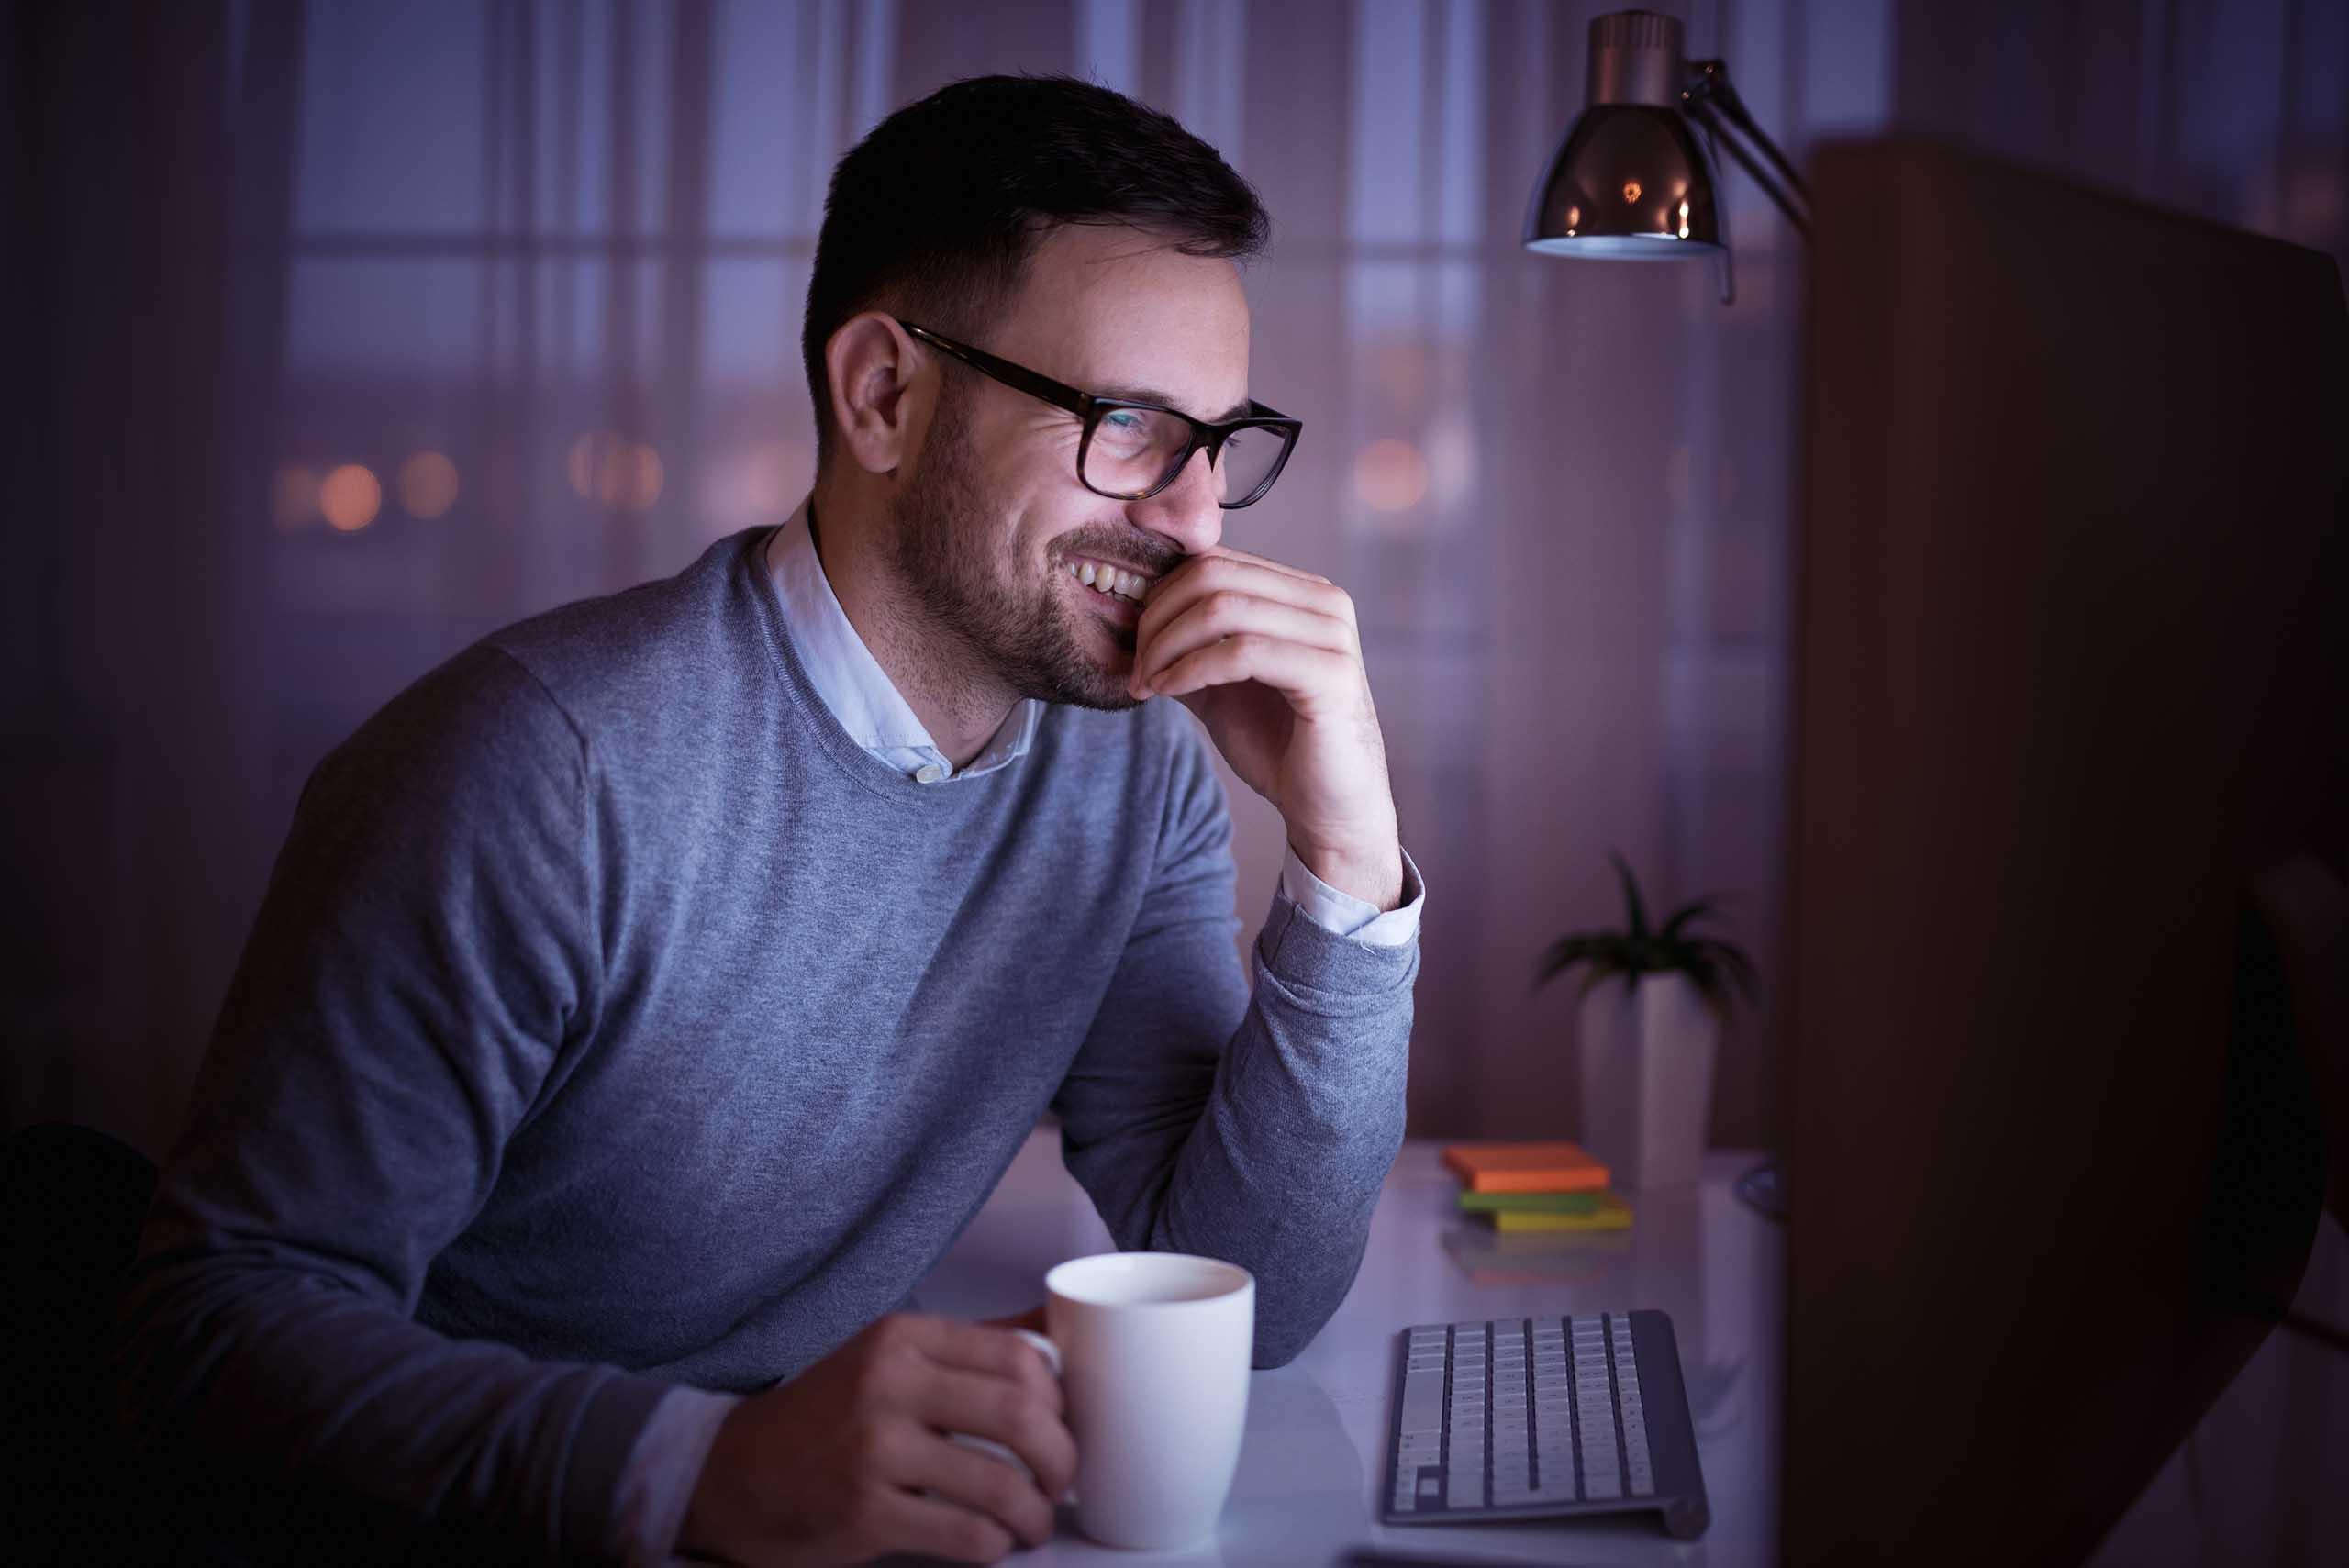 fată caut bărbat cele mai bune modele de glamour O data pe un site de dating de timp